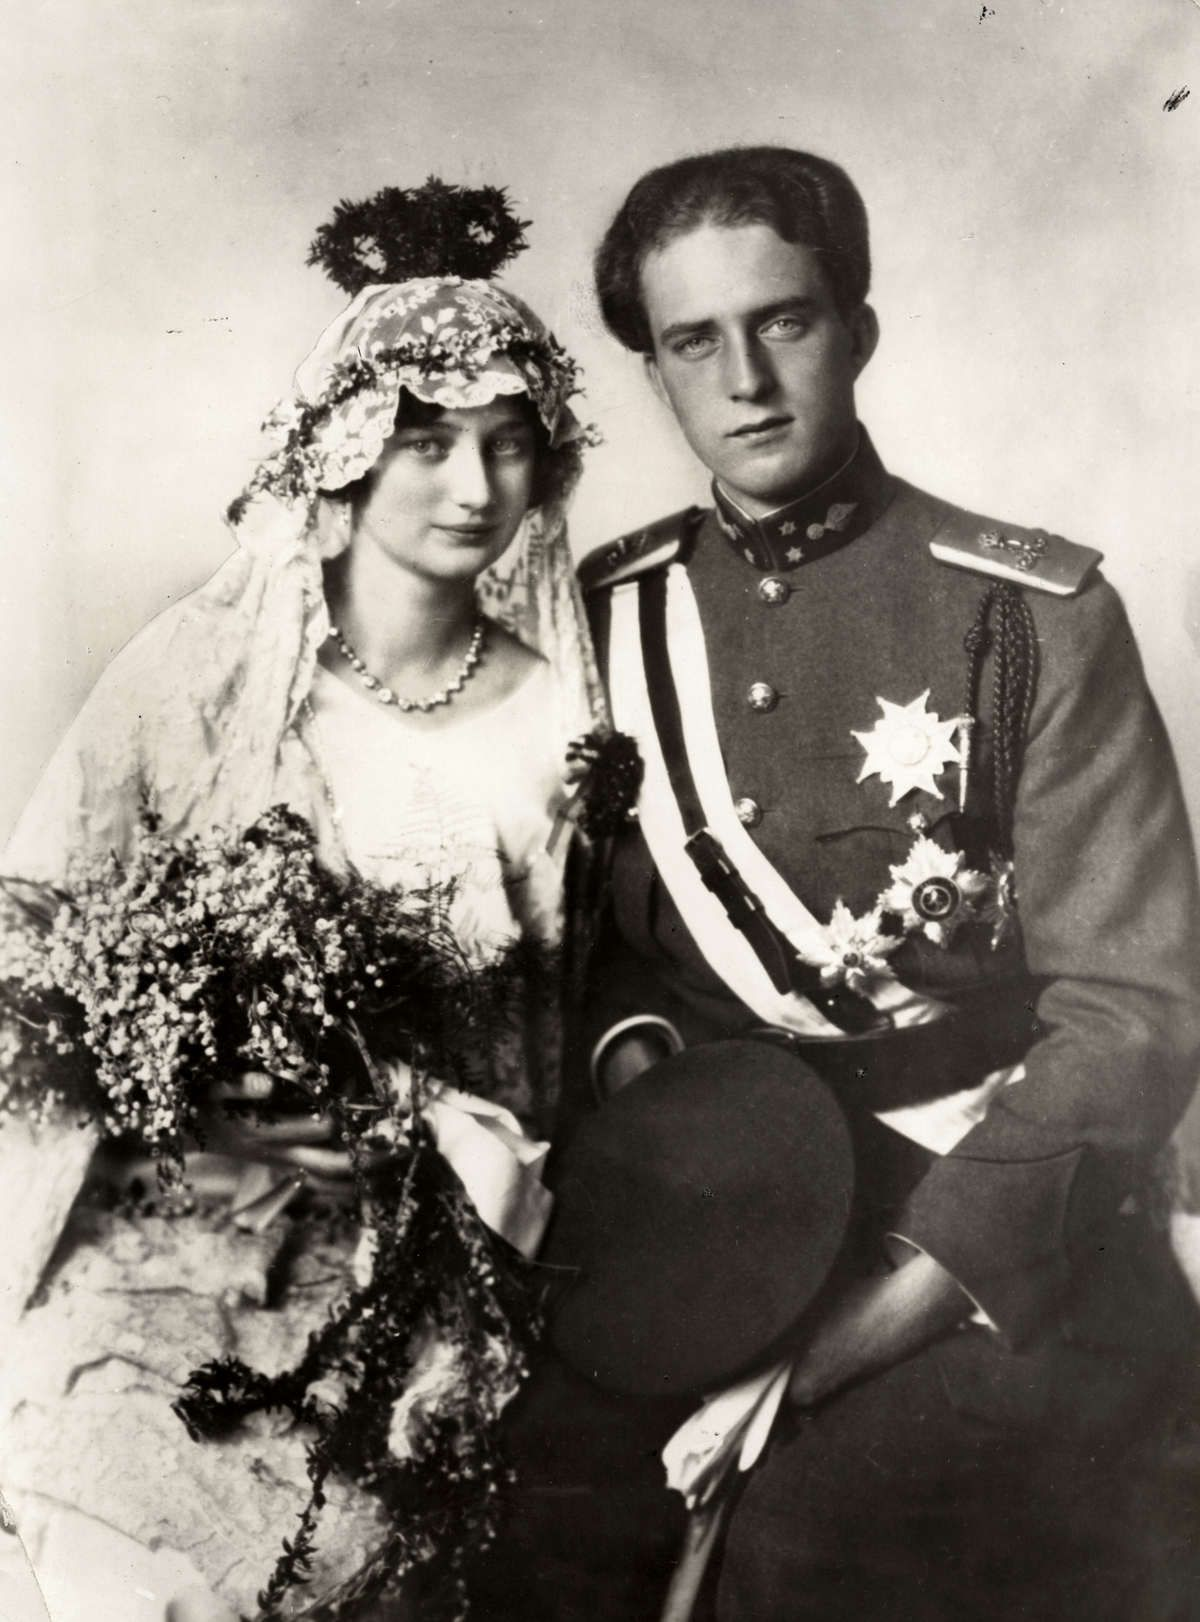 King Leopold Iii And Queen Astrid Of The Belgians 1926 Royal Weddings Belgium Vintage Bride [ 1622 x 1200 Pixel ]